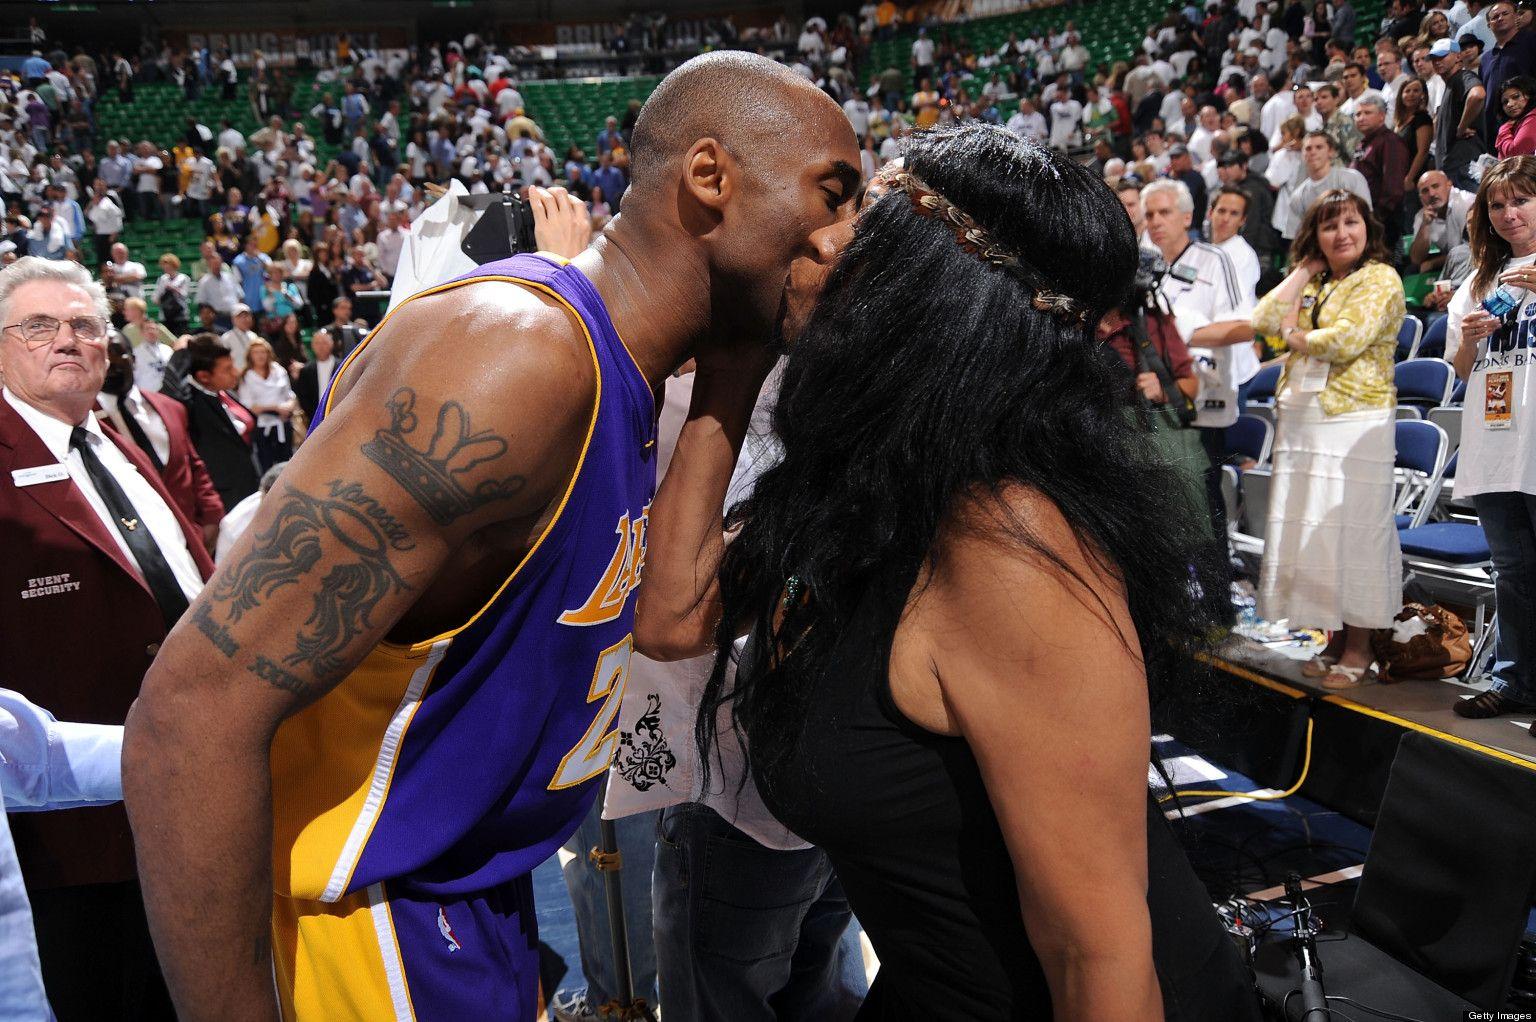 9. Kobe Bryant